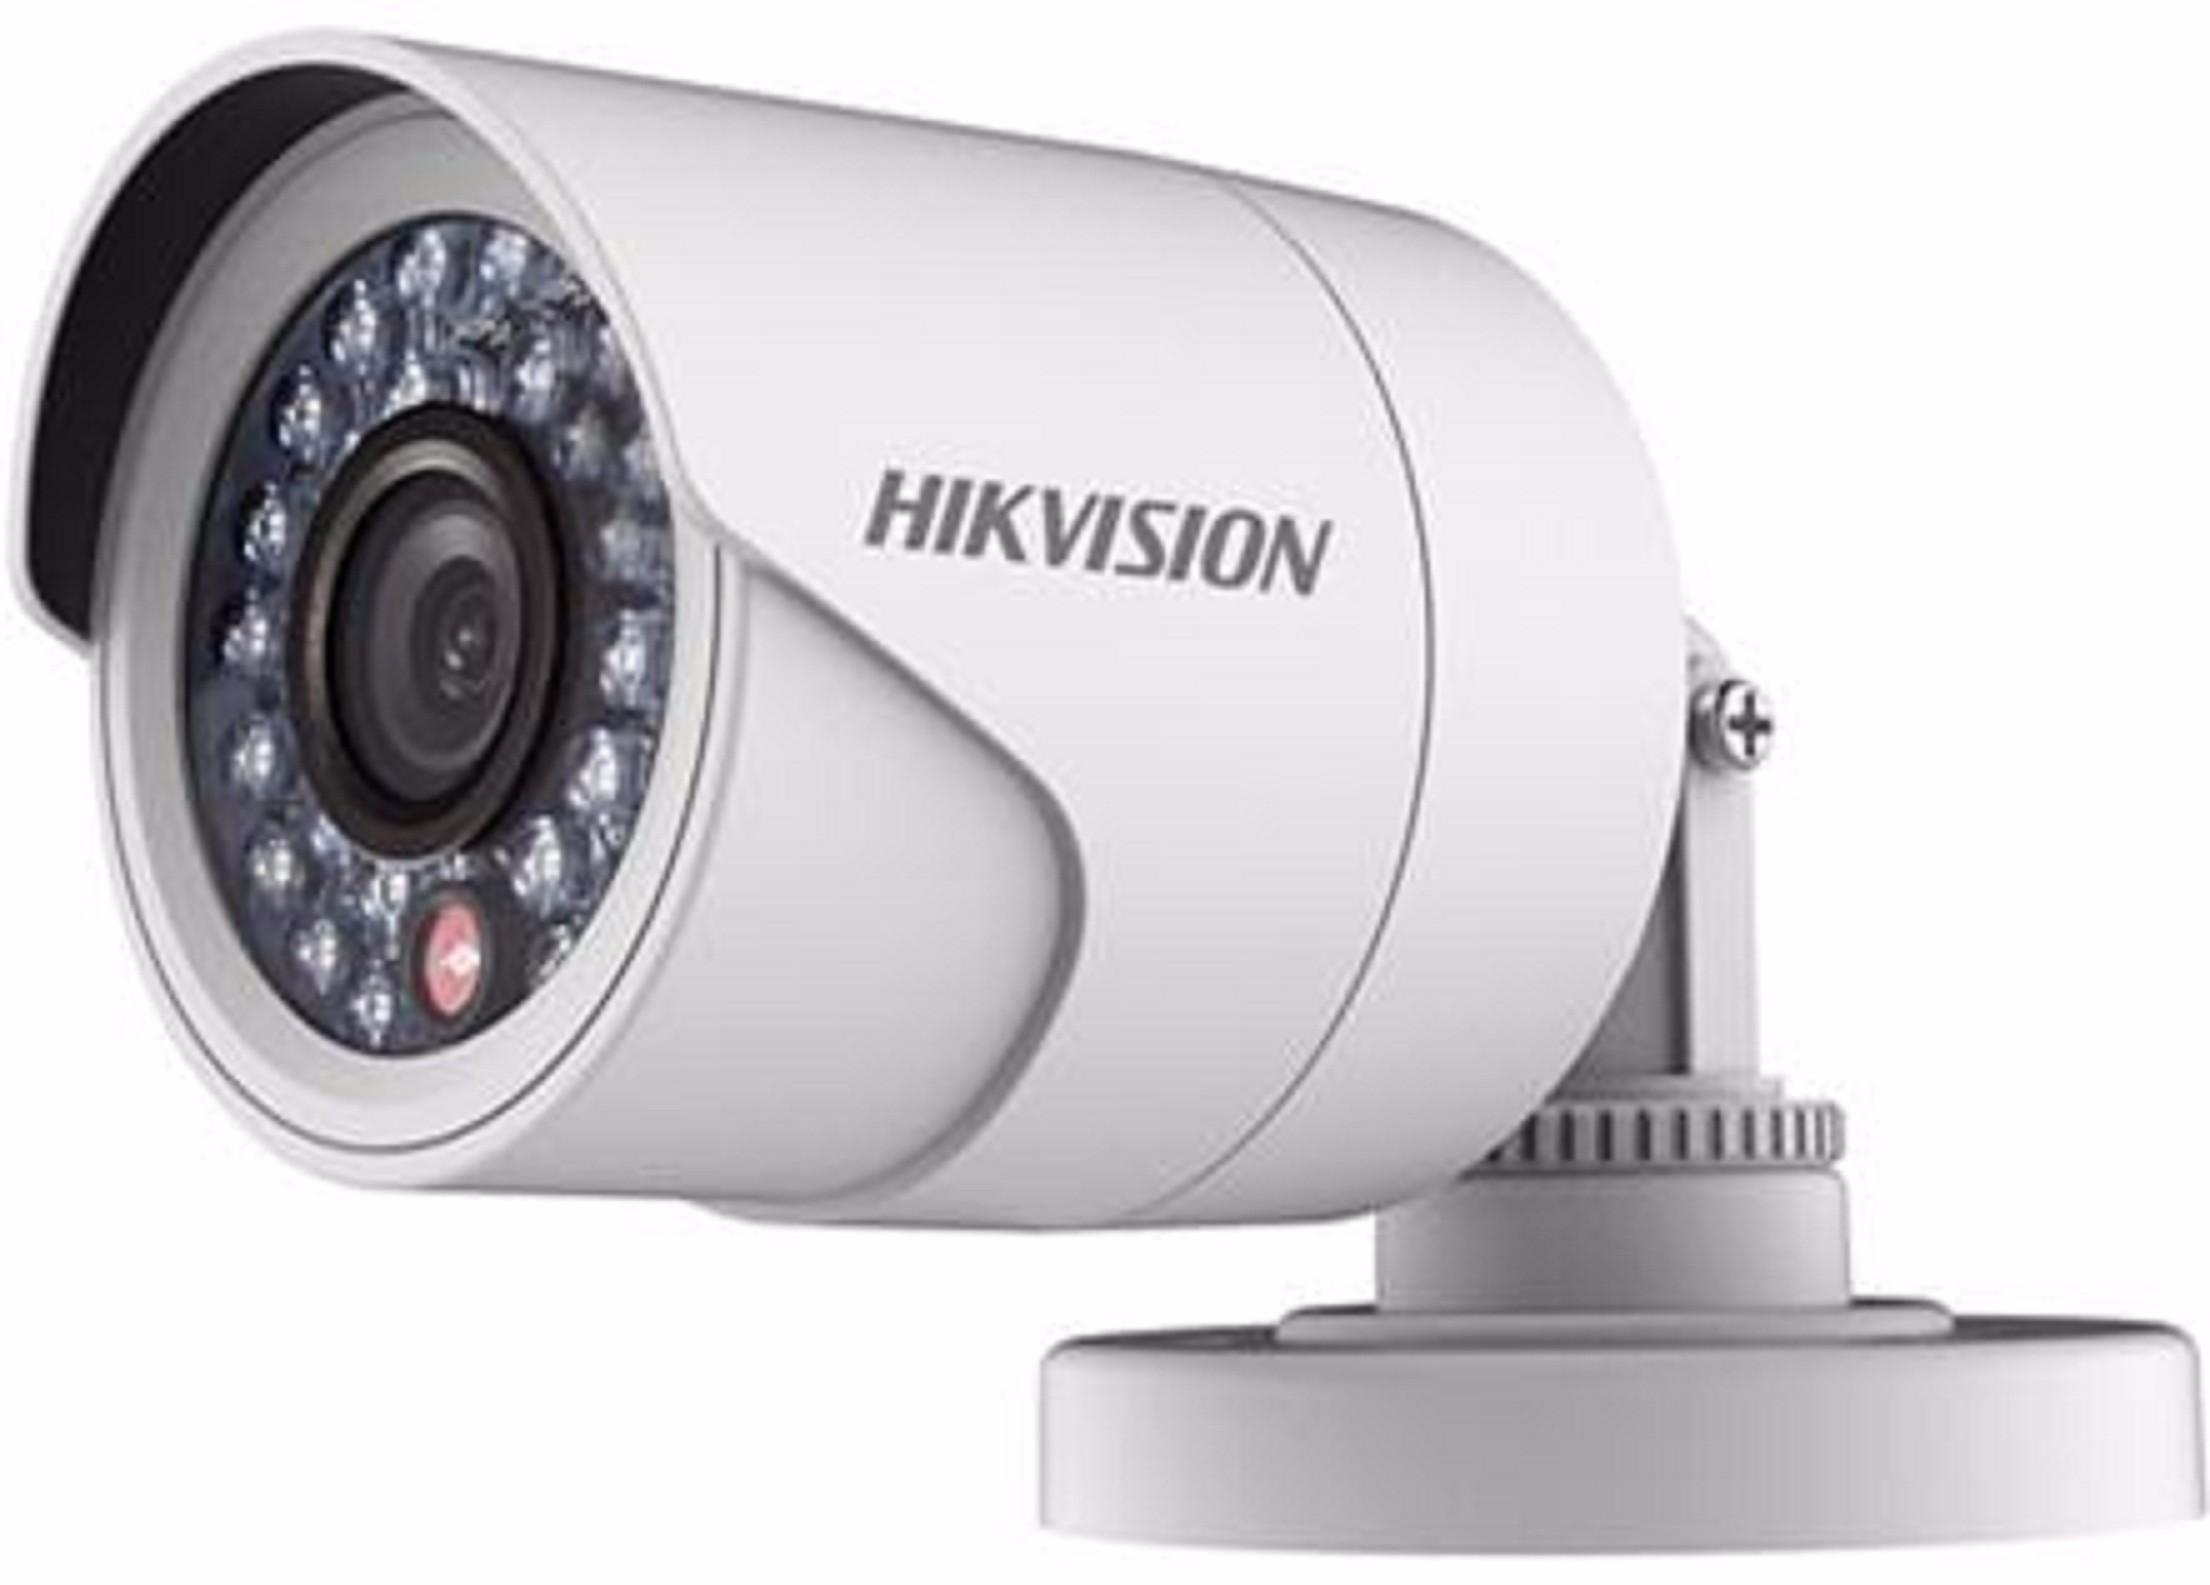 Lắp đặt camera quan sát cho nhà xưởng tại thành phố Hồ Chí Minh